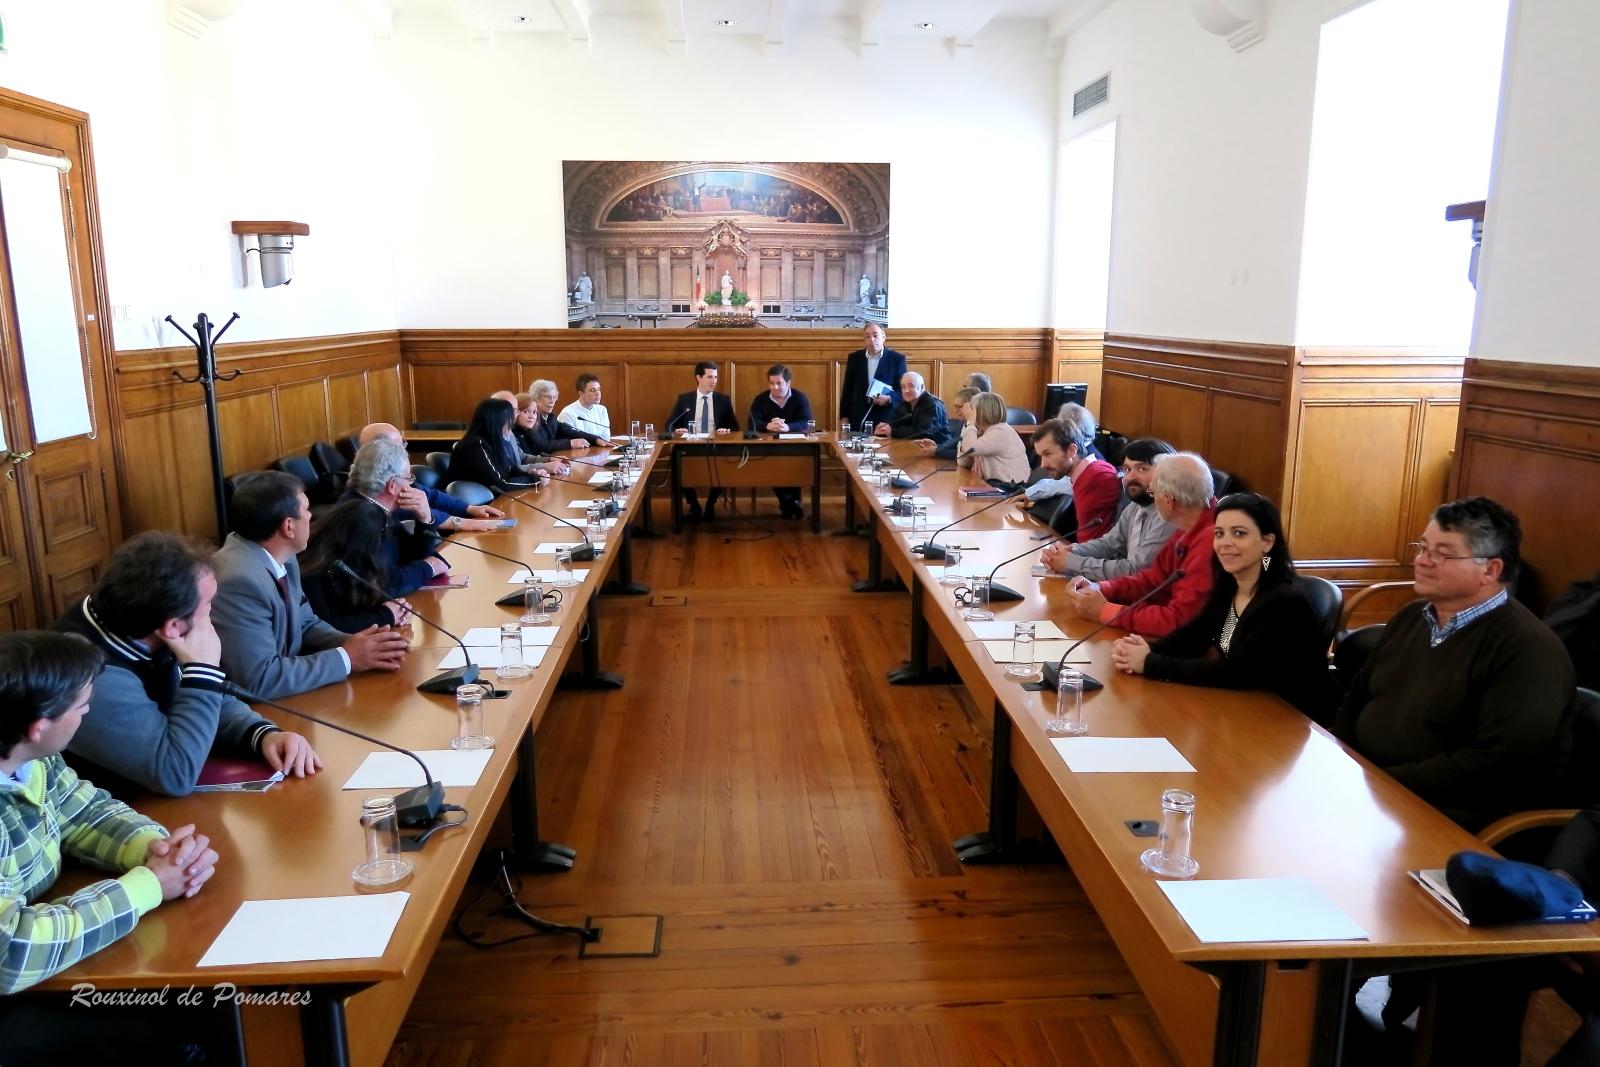 Visita à Assembleia da Rérpublica (0026)